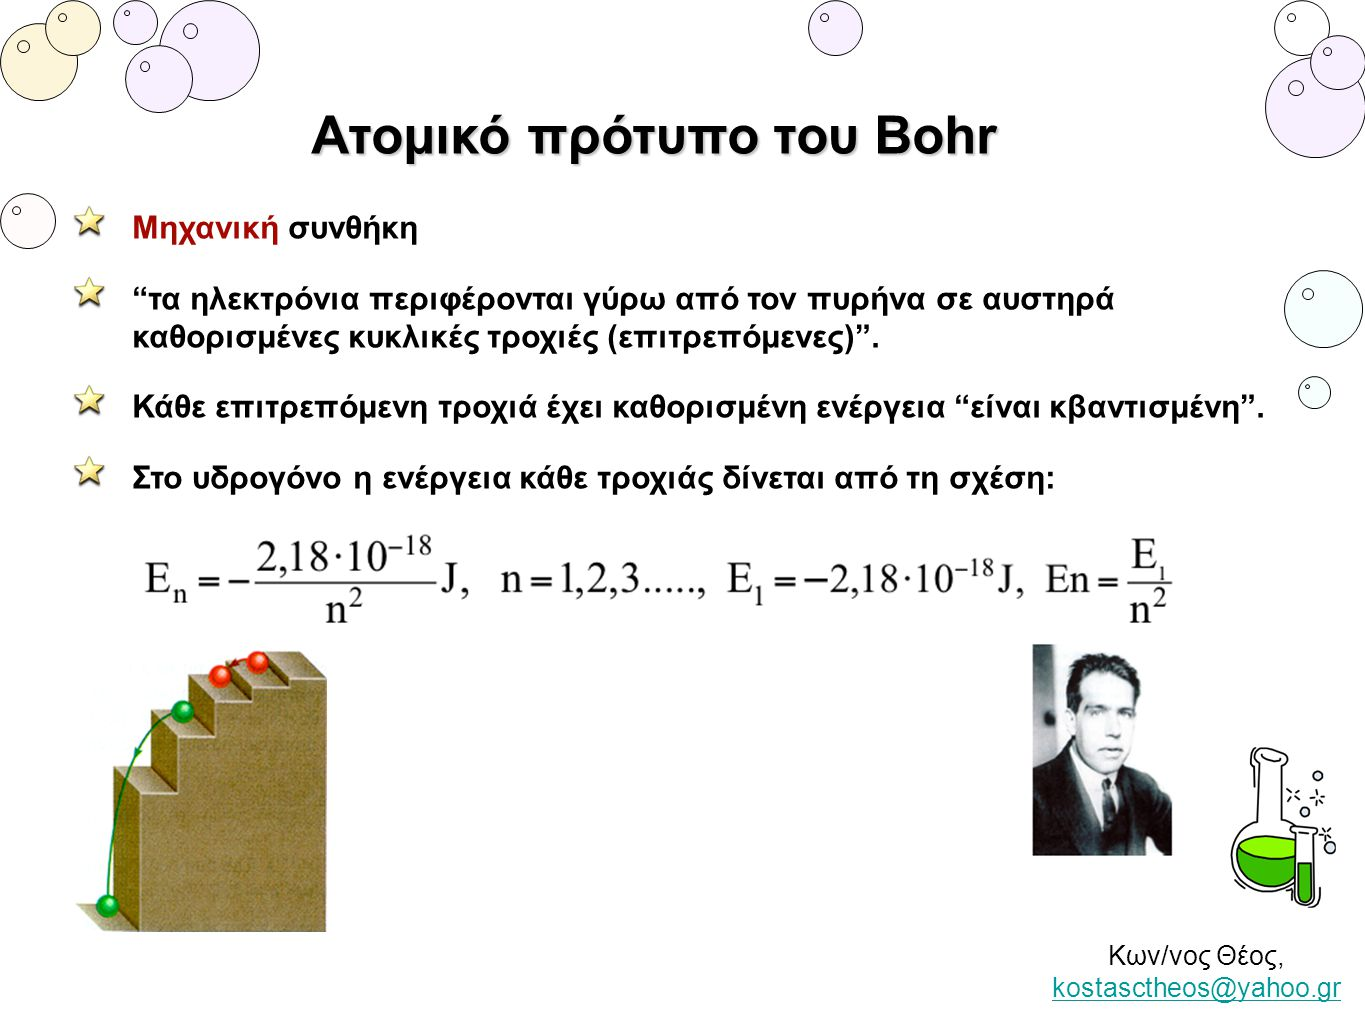 Ατομικό πρότυπο του Bohr